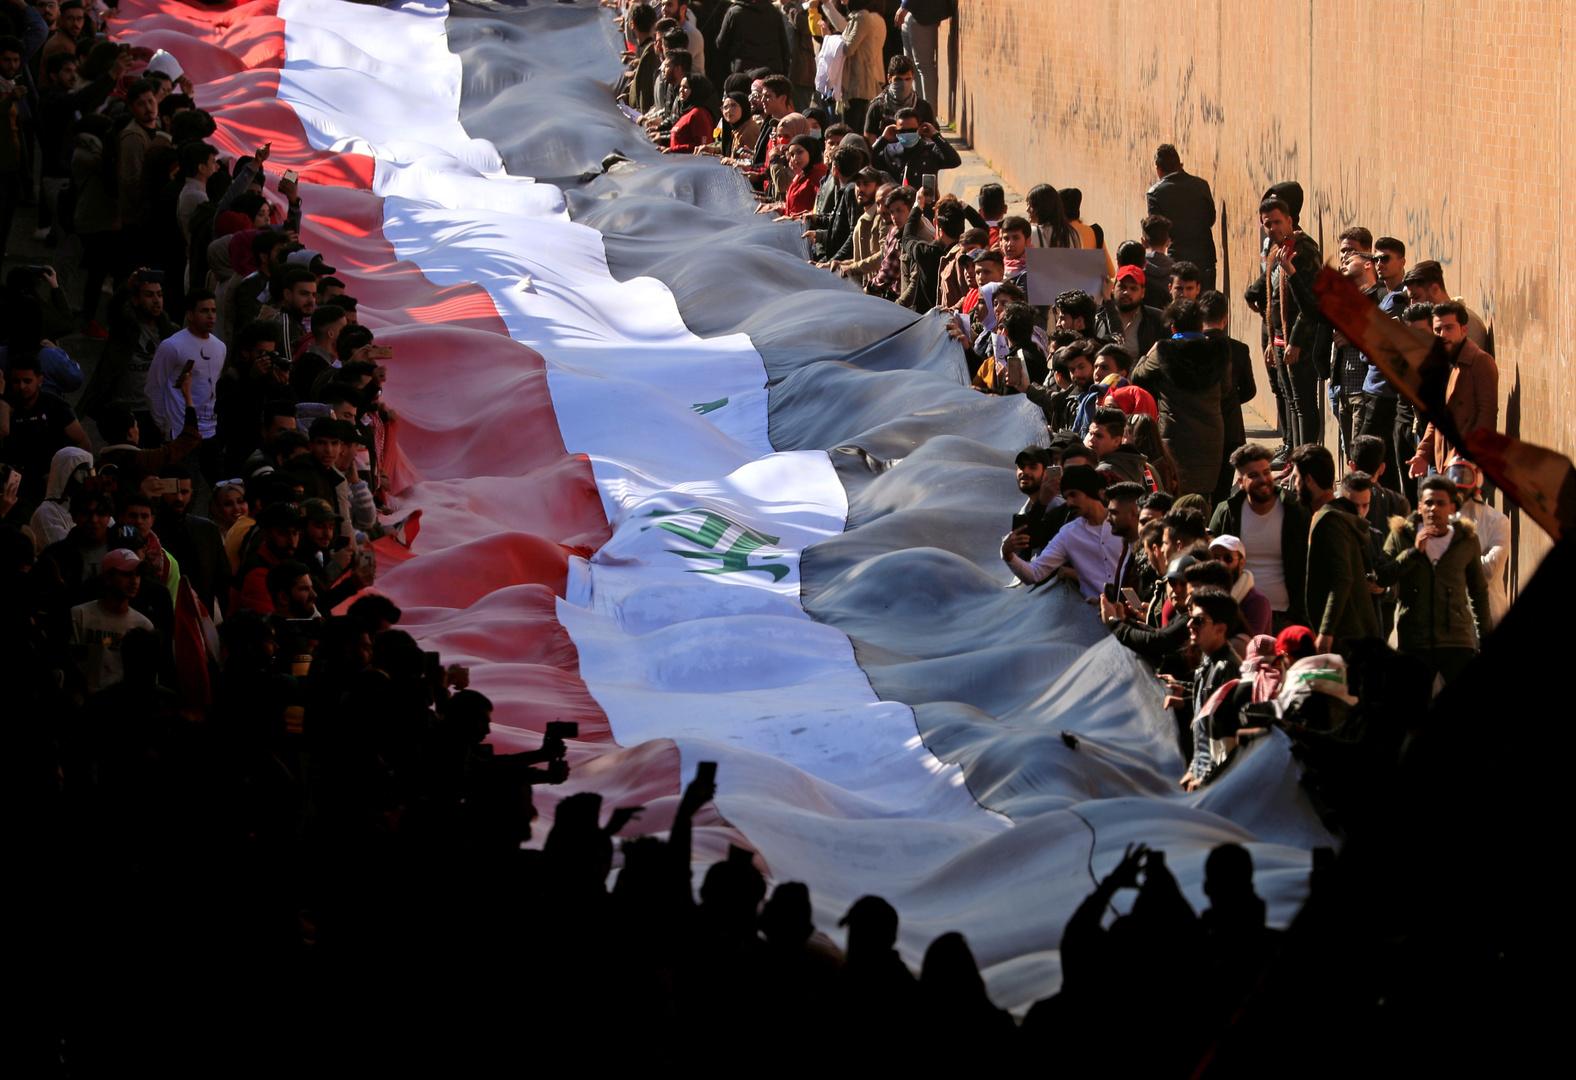 مصدر لـRT: عبد المهدي أبلغ الكتل السياسية بإمكانية بقائه لحين تشكيل حكومة جديدة